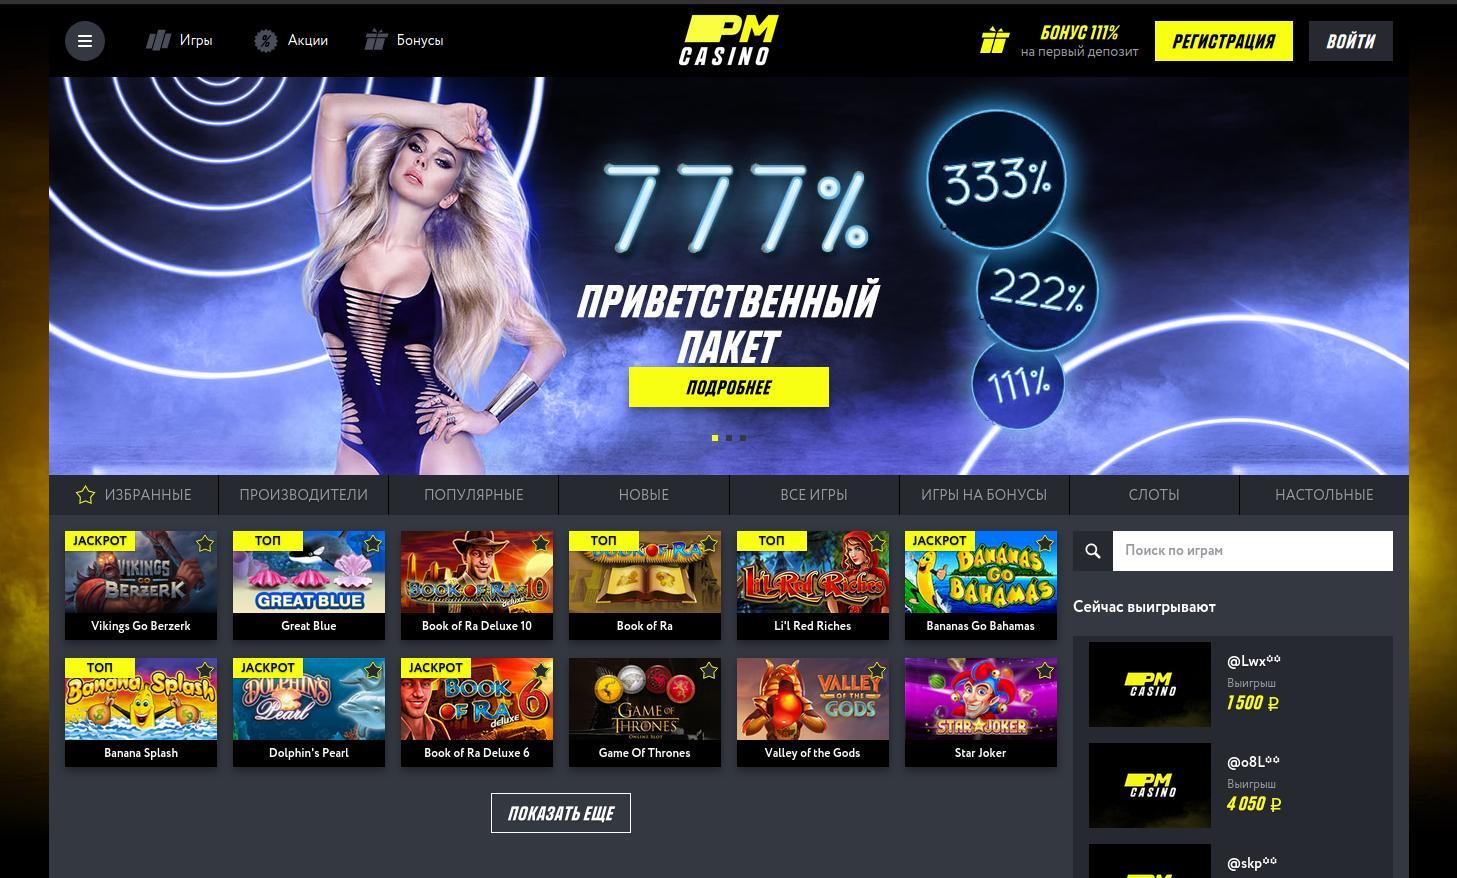 Игровой автомат Помидоры в PM Casino